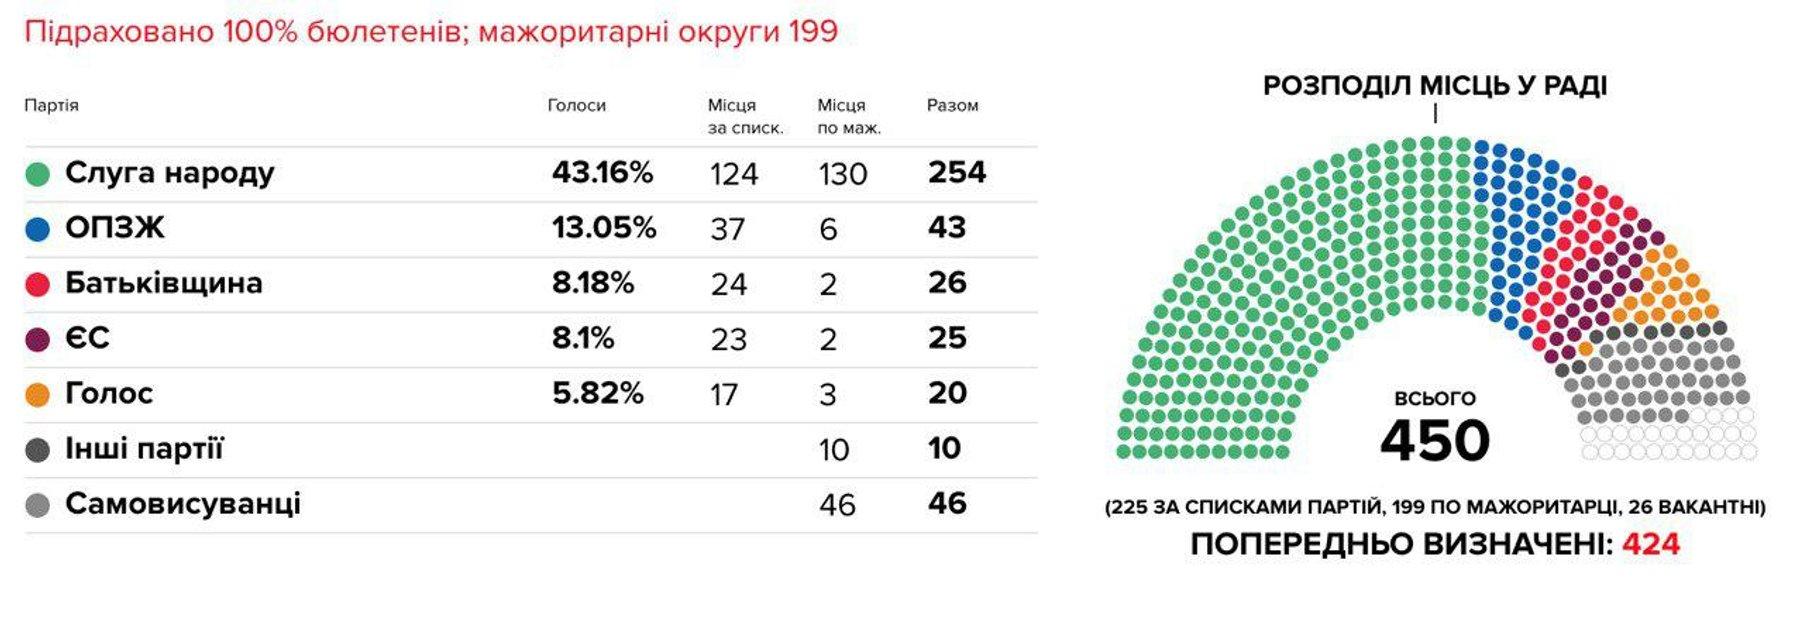 ЦИК обработала все протоколы на досрочных парламентских выборах - фото 184971